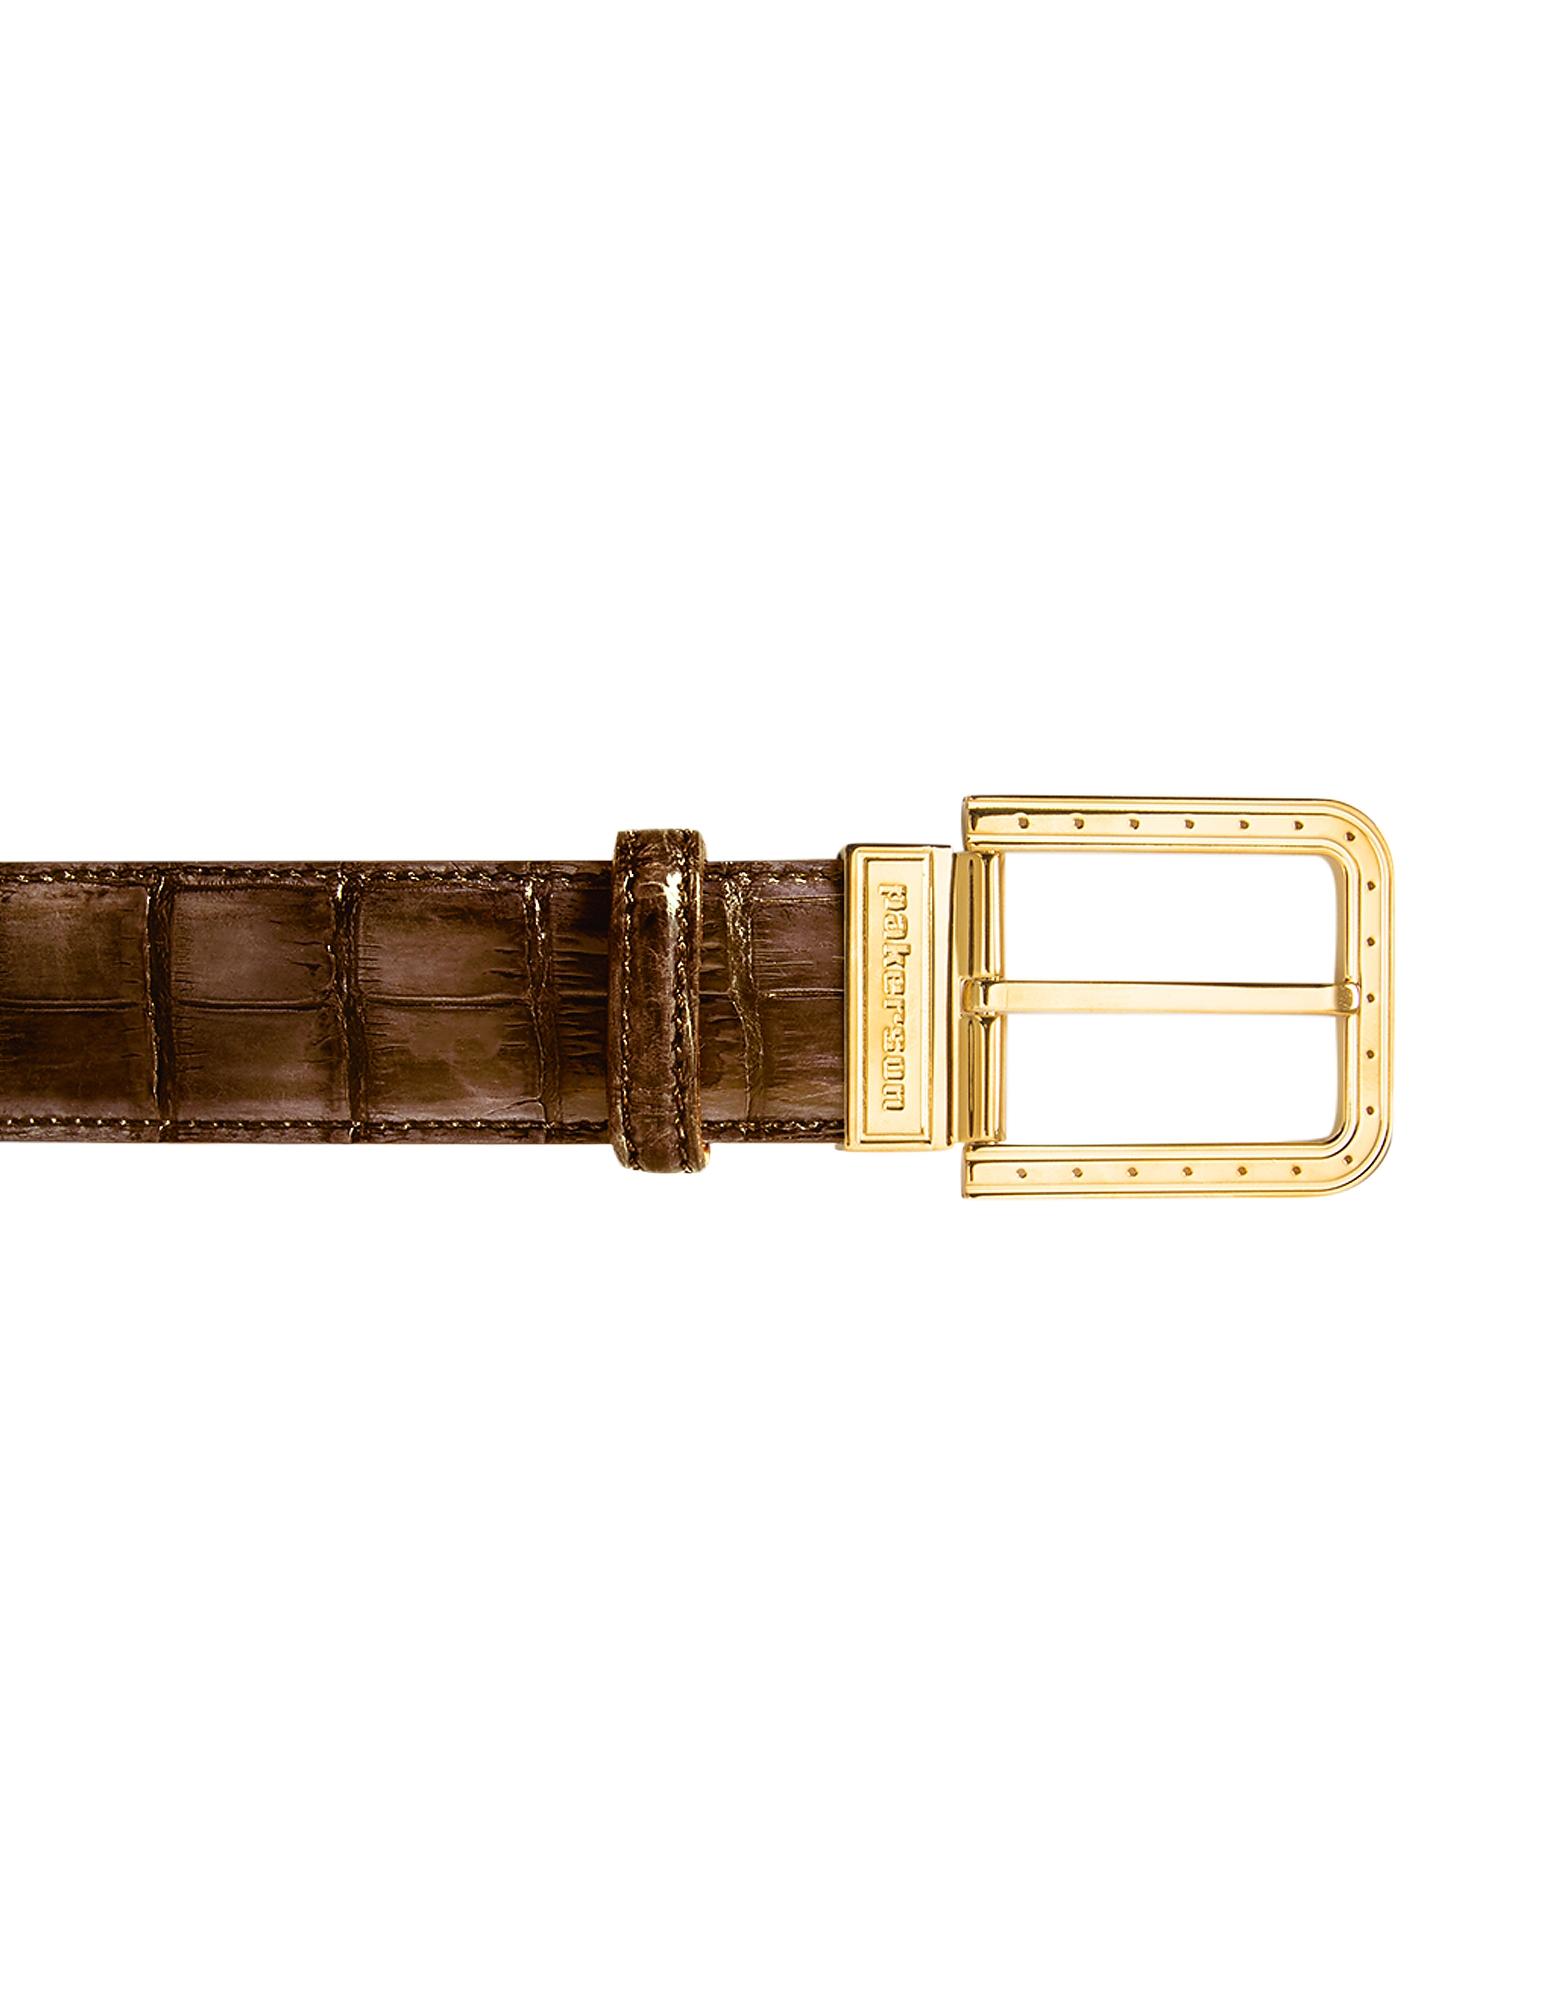 Pakerson Designer Men's Belts, Ripa Timber Alligator Leather Belt w/ Gold Buckle